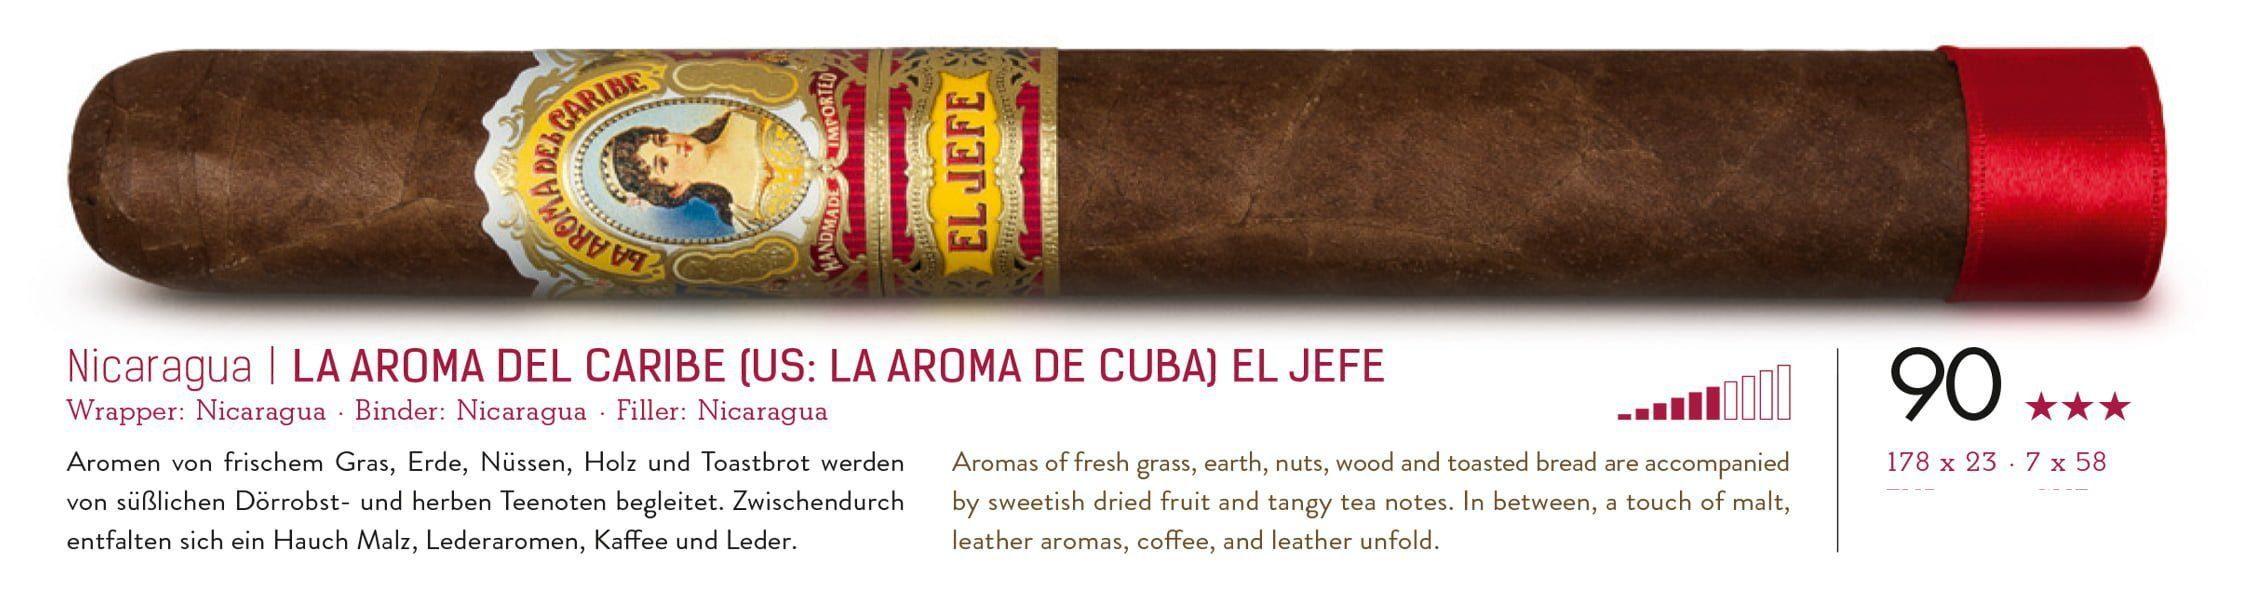 La Aroma del Caribe El Jefe